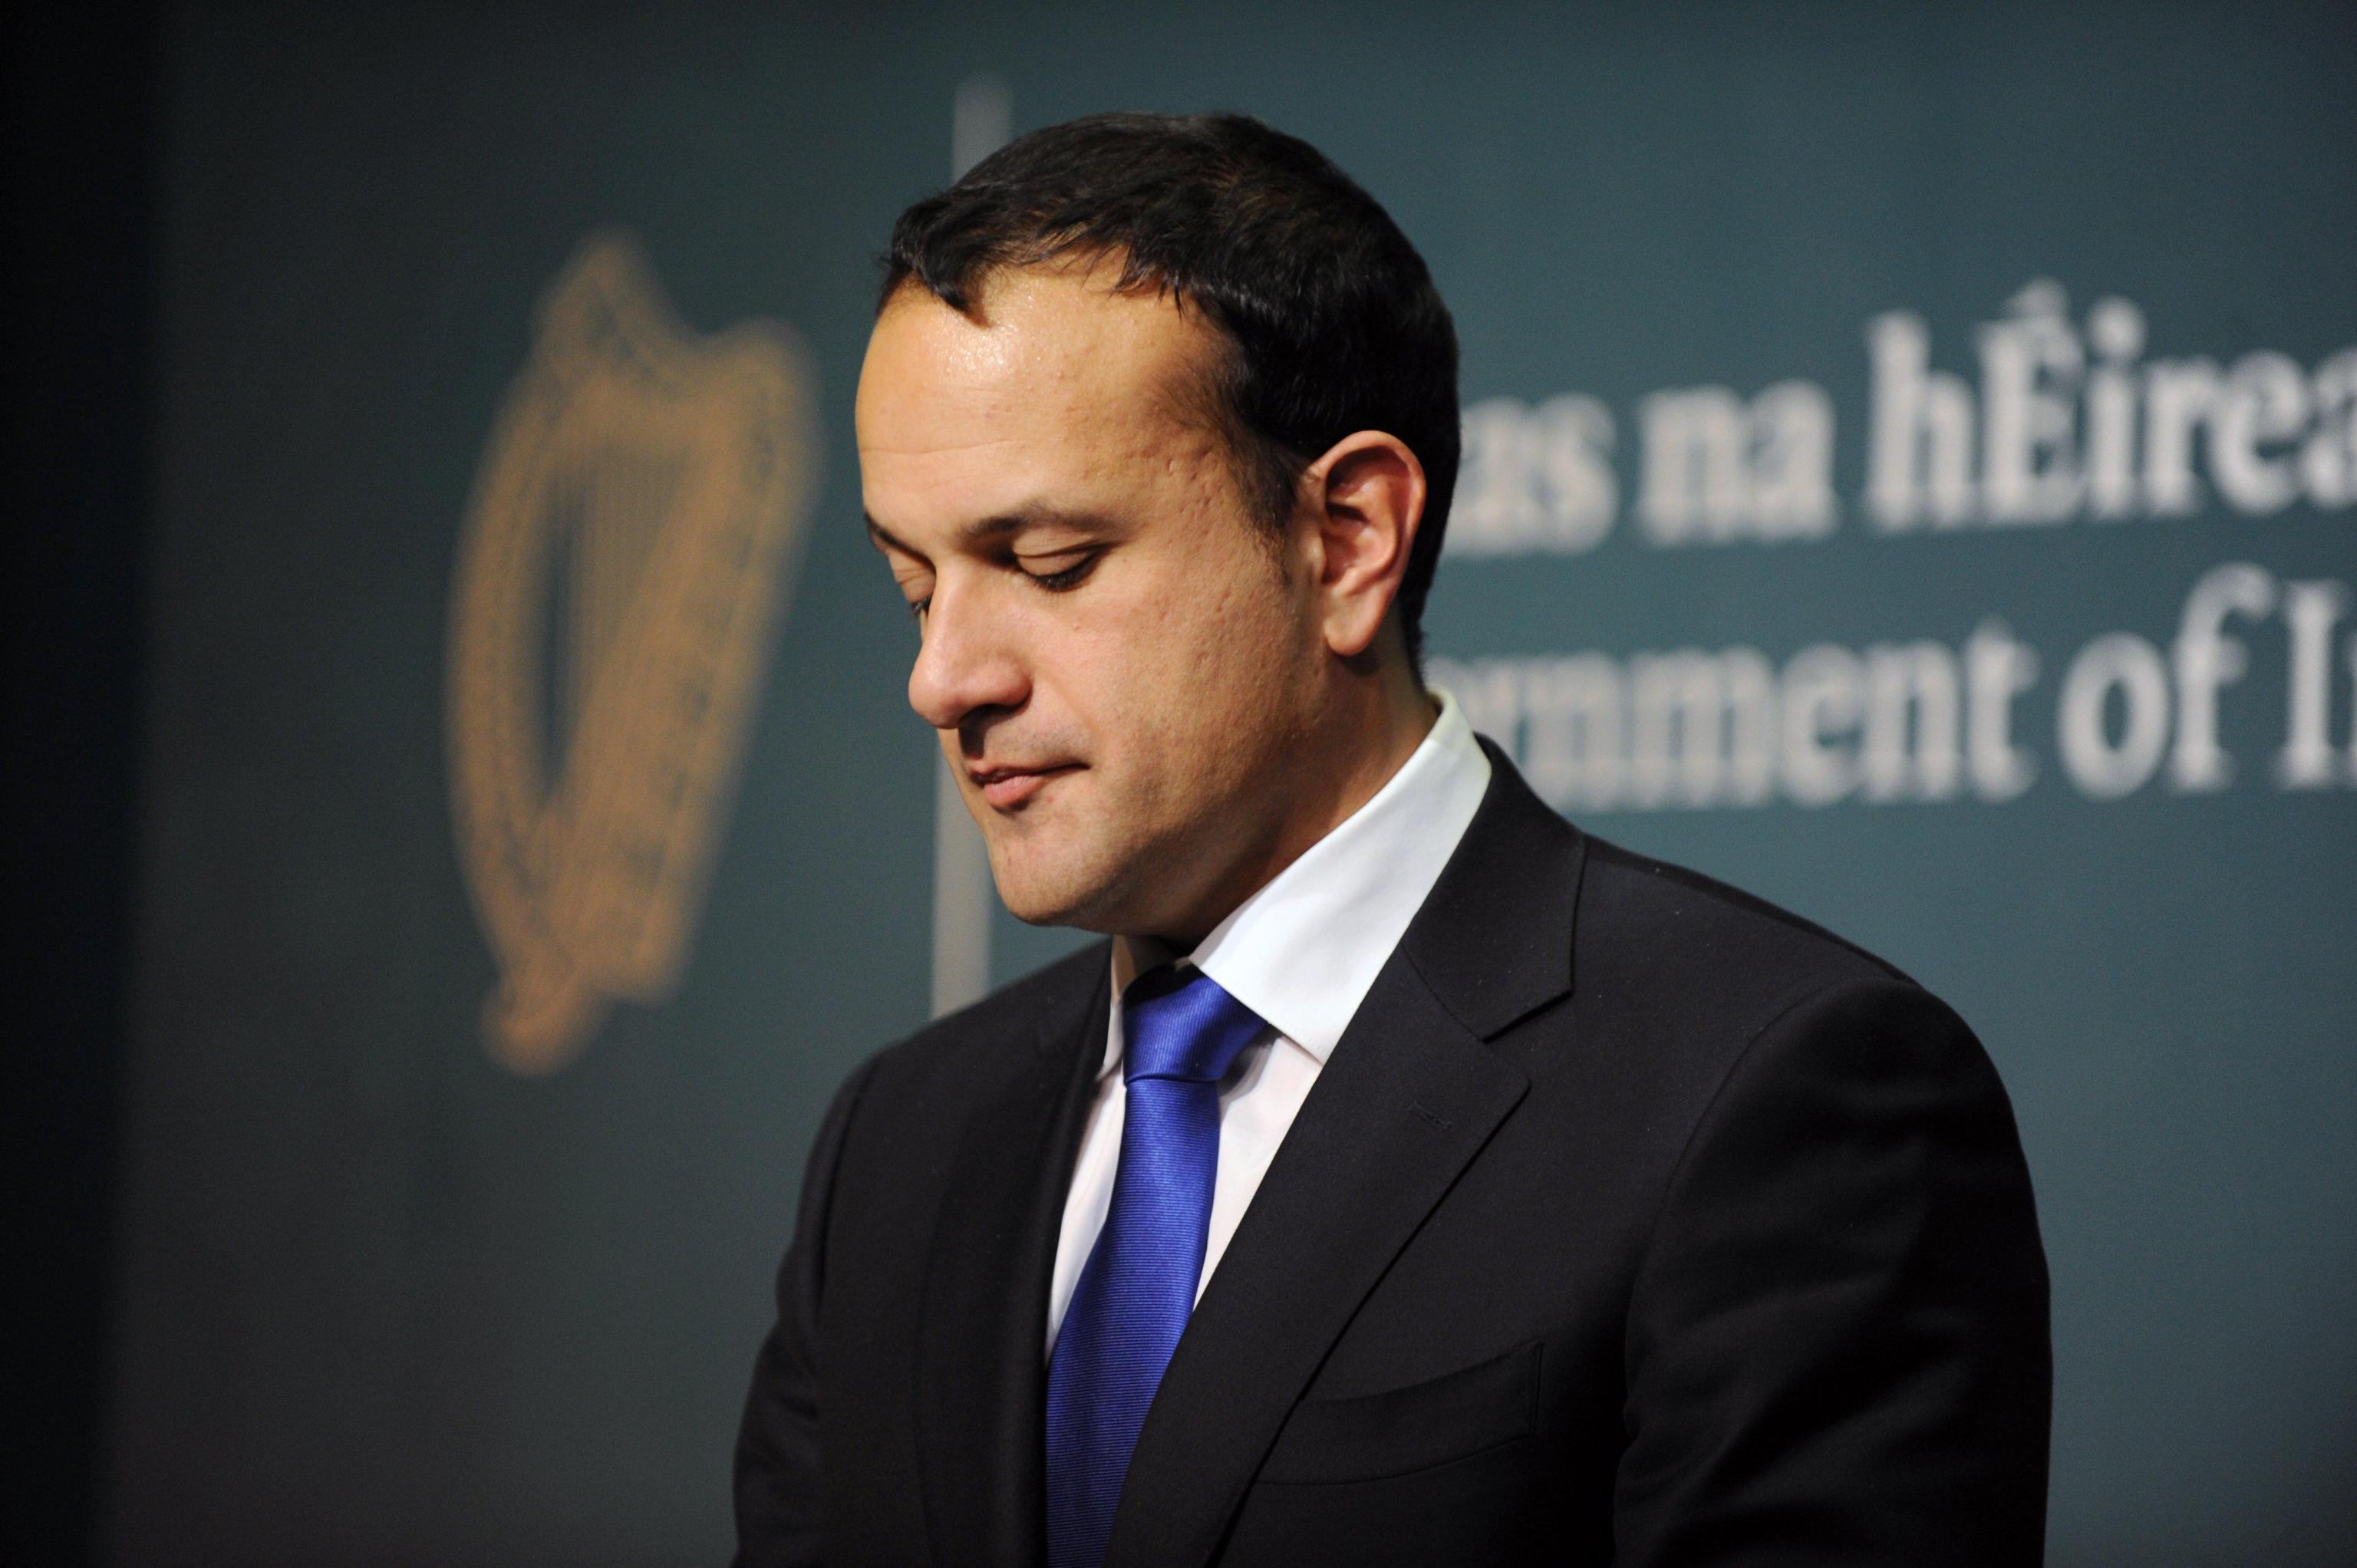 Brexit: Dublino insiste su status Ulster